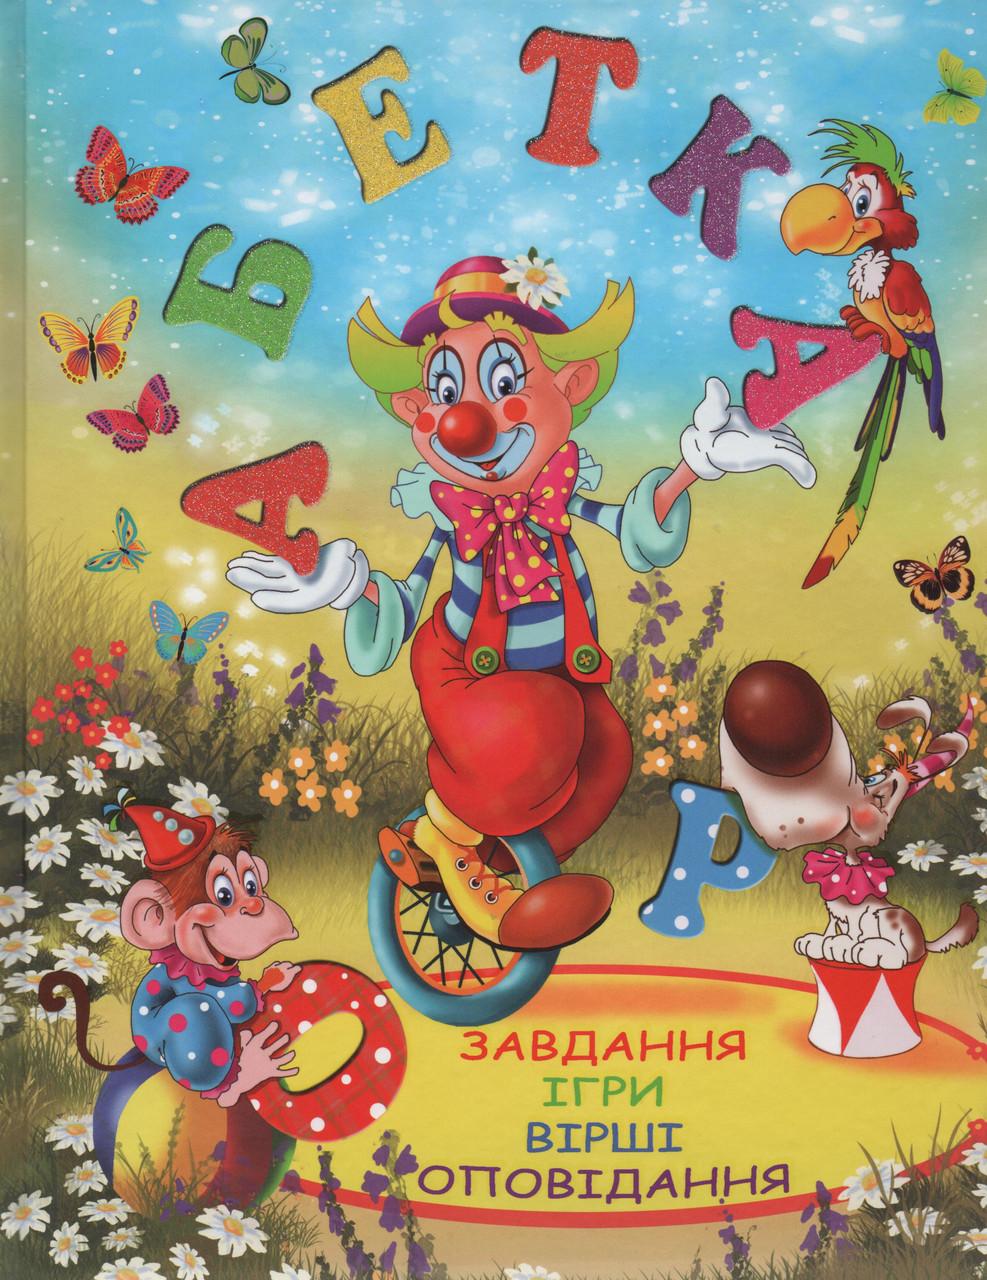 Абетка. М. О. Хаткіна, Улюбленні казки. О. В. Зав'язкін